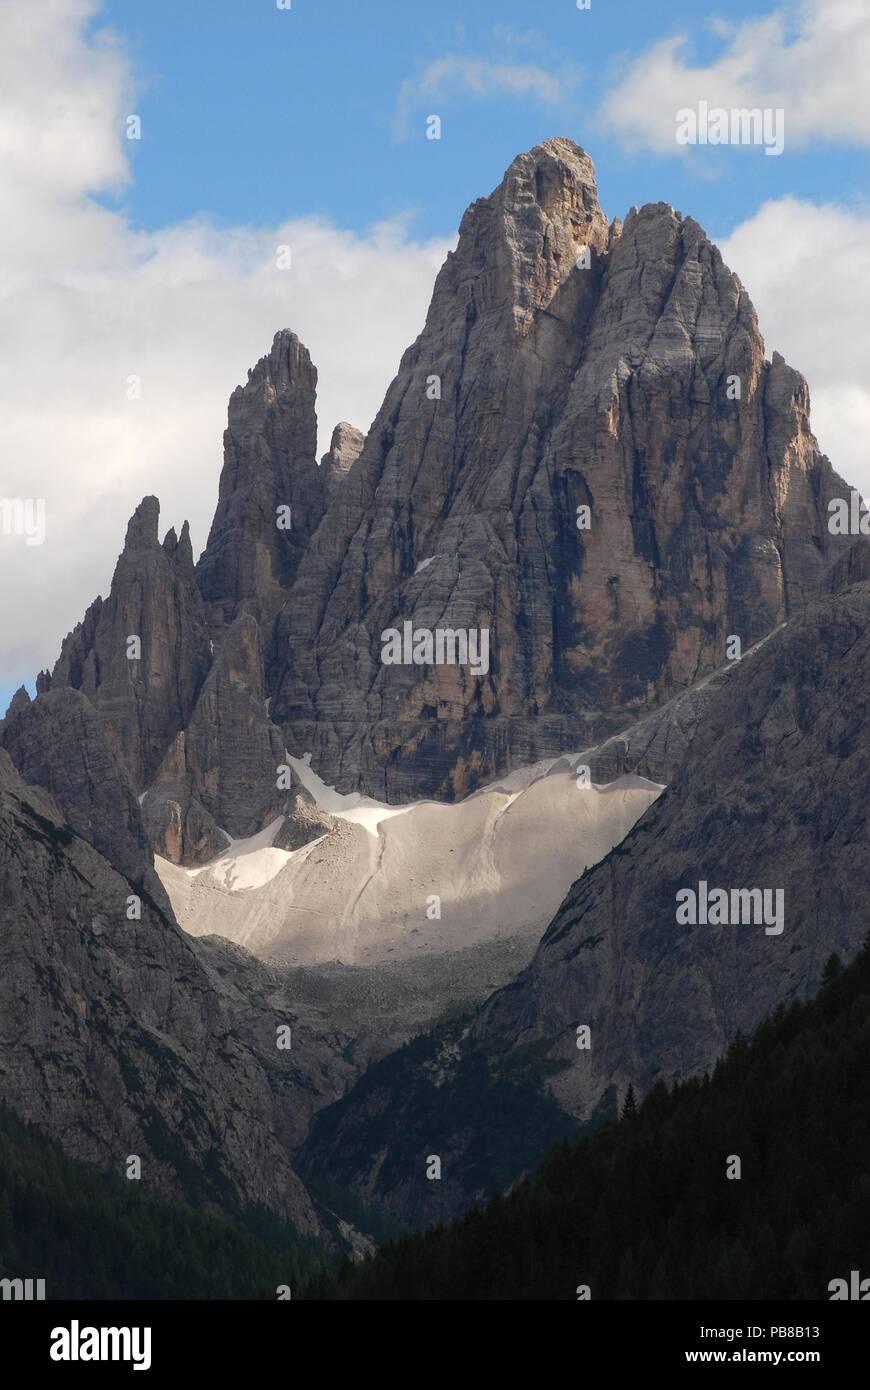 Cima Dodici o Croda dei Toni from Val Fiscalina, Dolomiti di Sesto, Italy - Stock Image